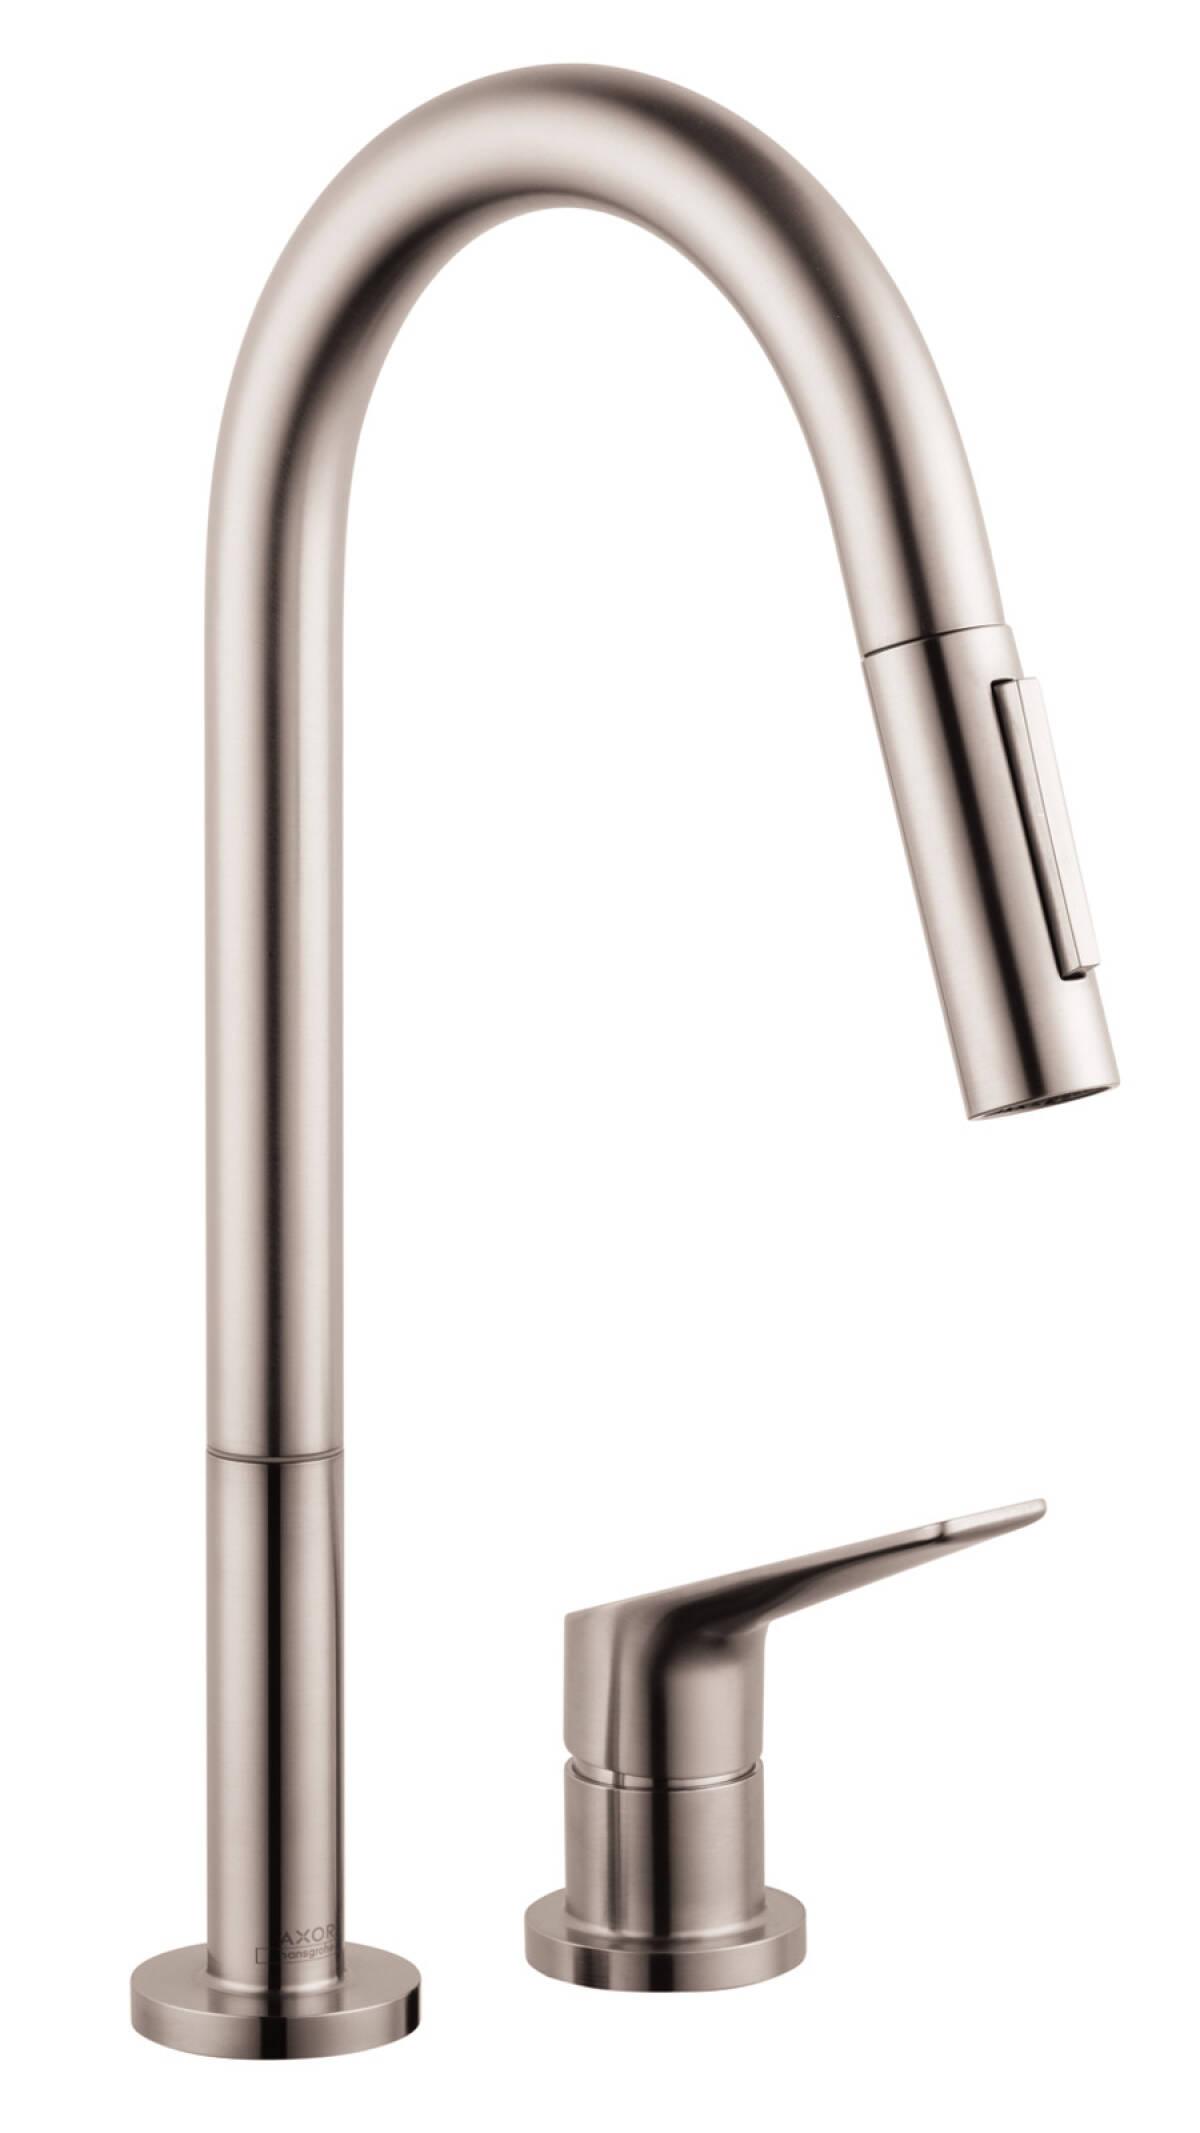 Mezclador monomando de cocina de 2 agujeros 220 con ducha extraíble, acabado de acero inoxidable, 34822800